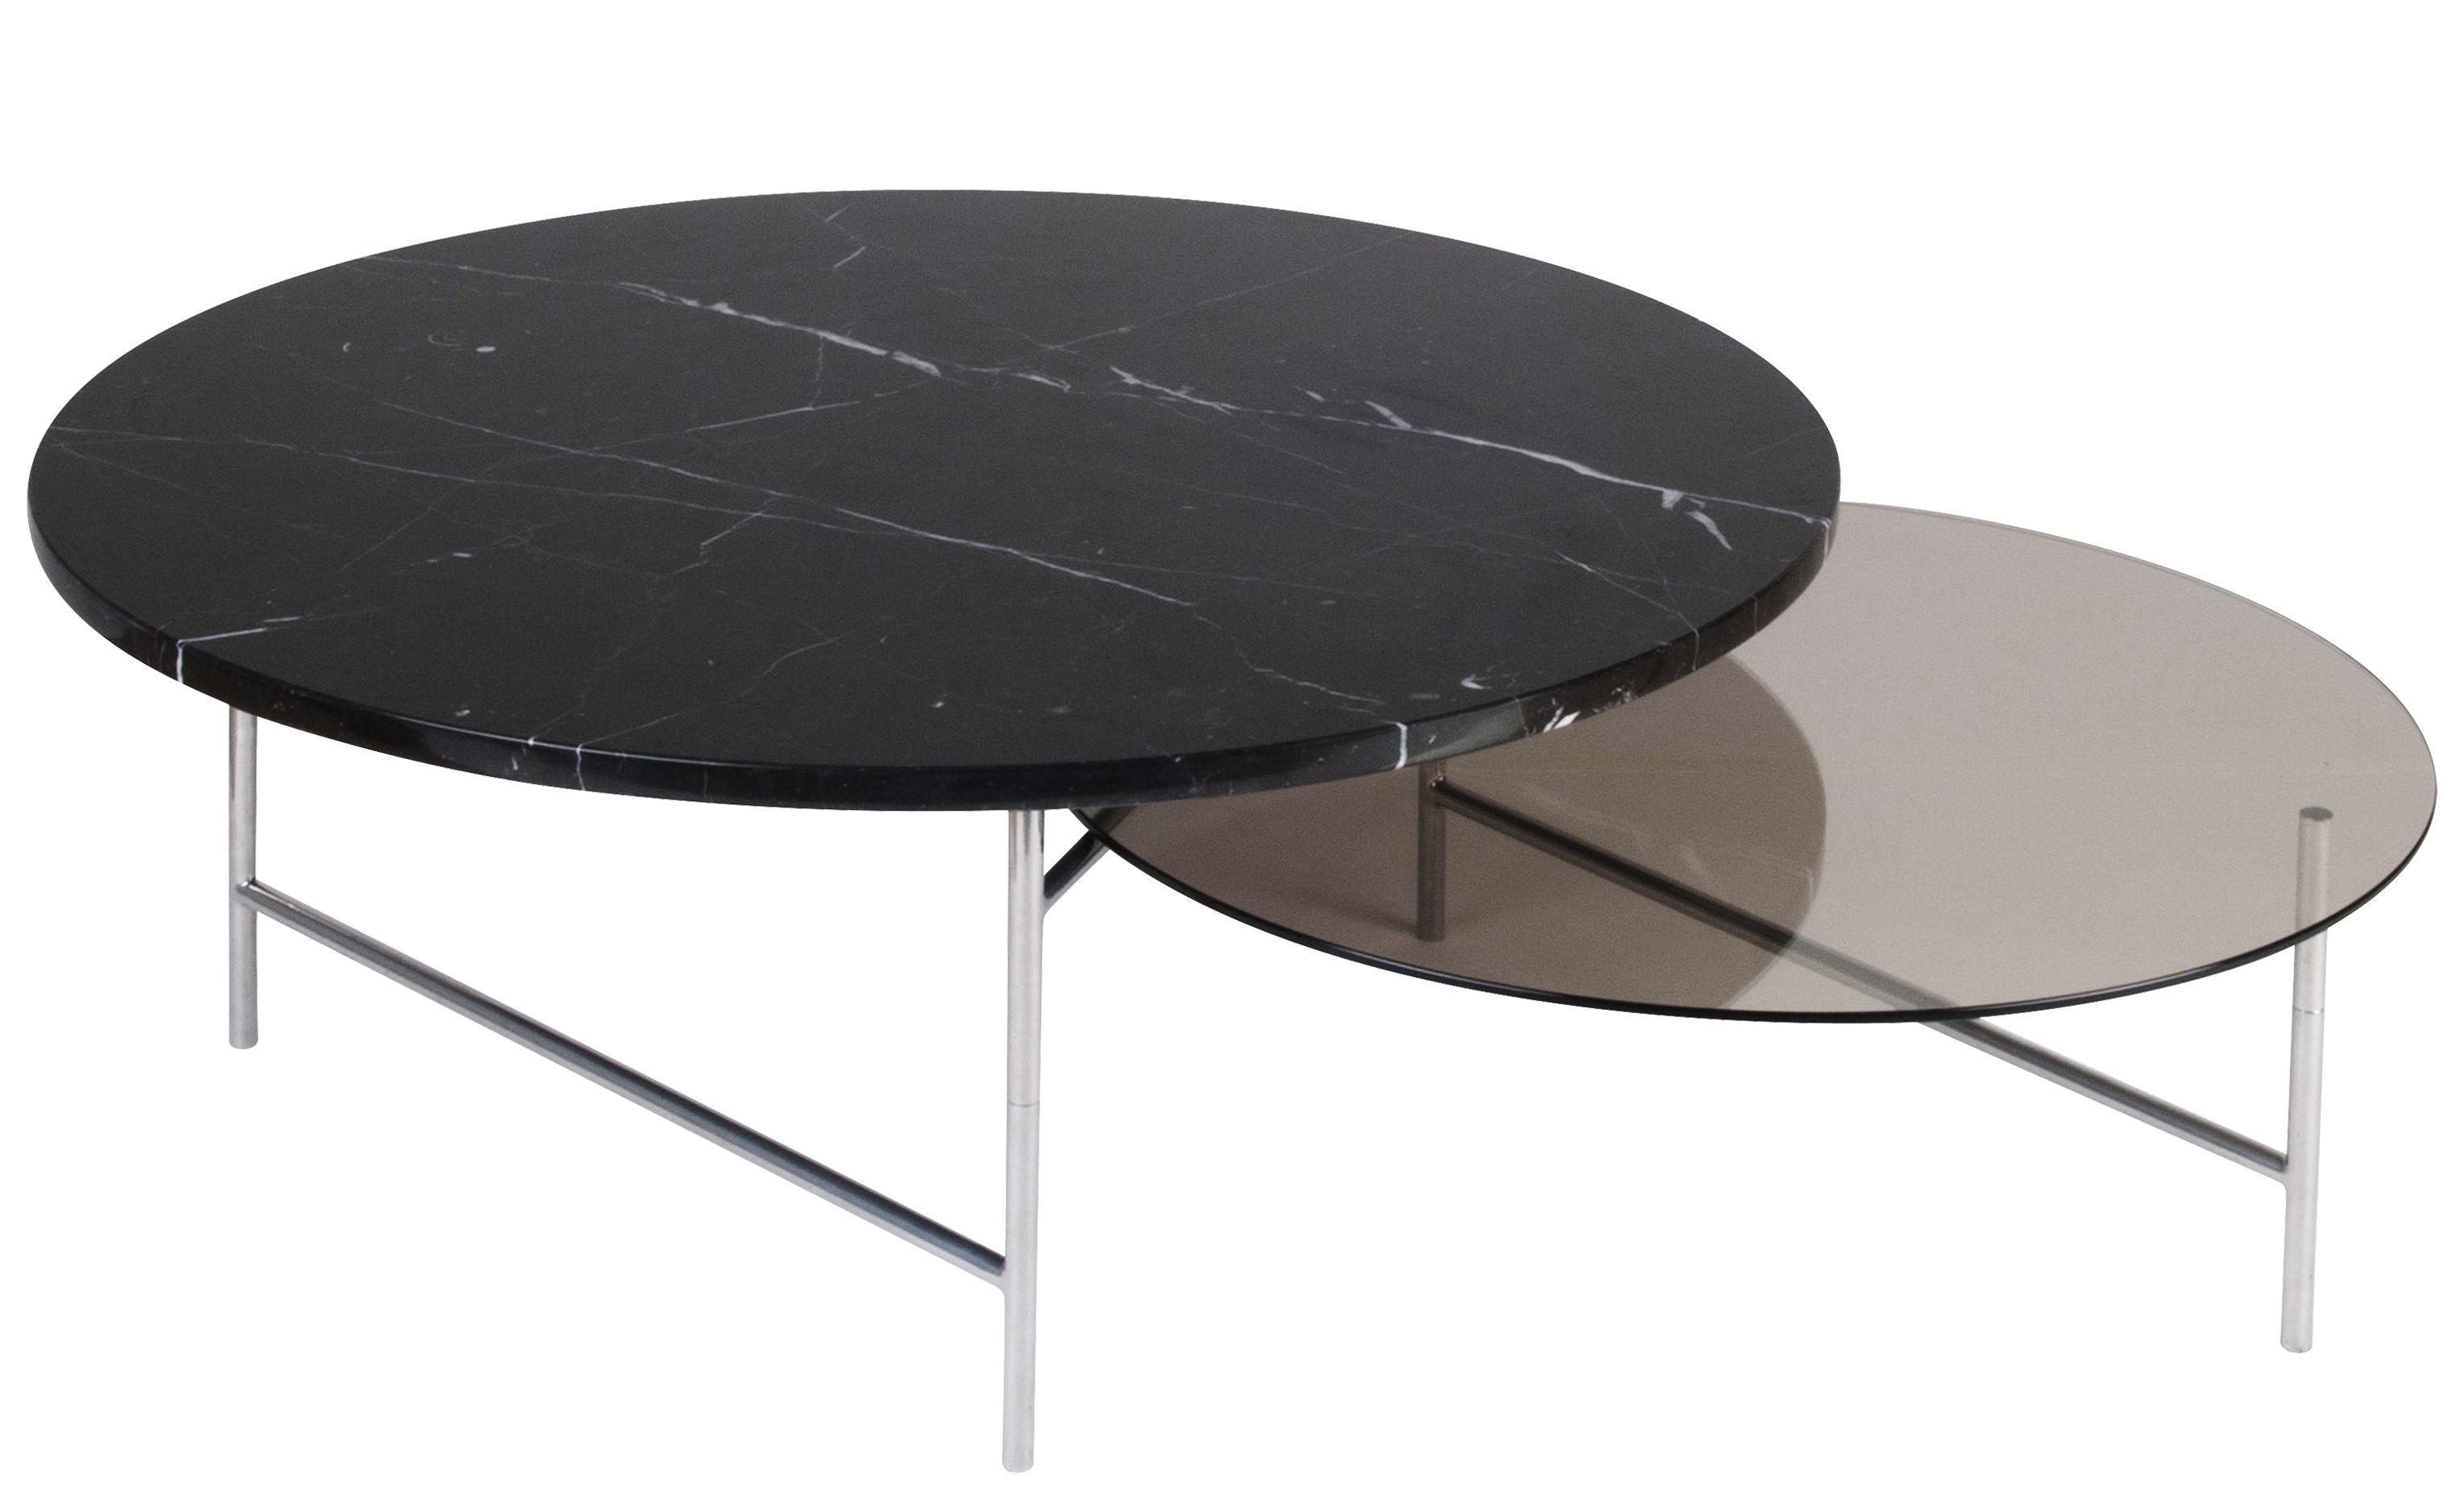 Möbel - Couchtische - Zorro Couchtisch / 2 Ebenen - Marmor & Glas - La Chance - Schwarzer Marmor & Rauchglas / Tischgestell chrom-glänzend - Glas, Marbre Marquina, verchromter Stahl